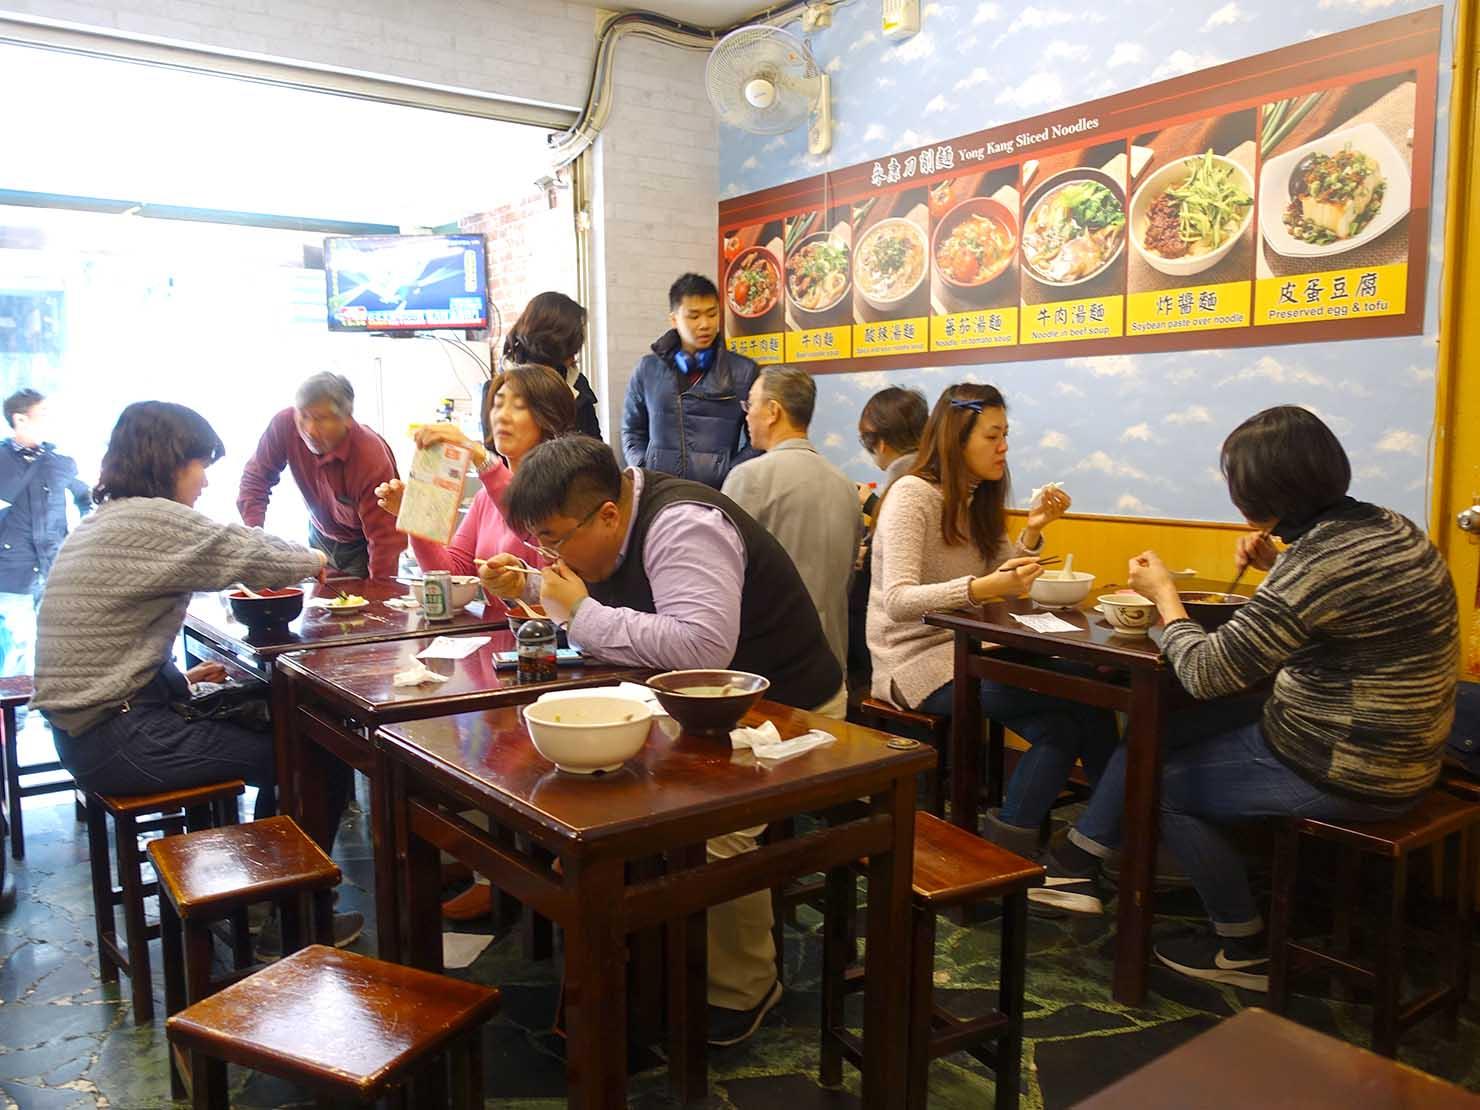 台北・永康街のおすすめグルメ店「永康刀削麵」の店内